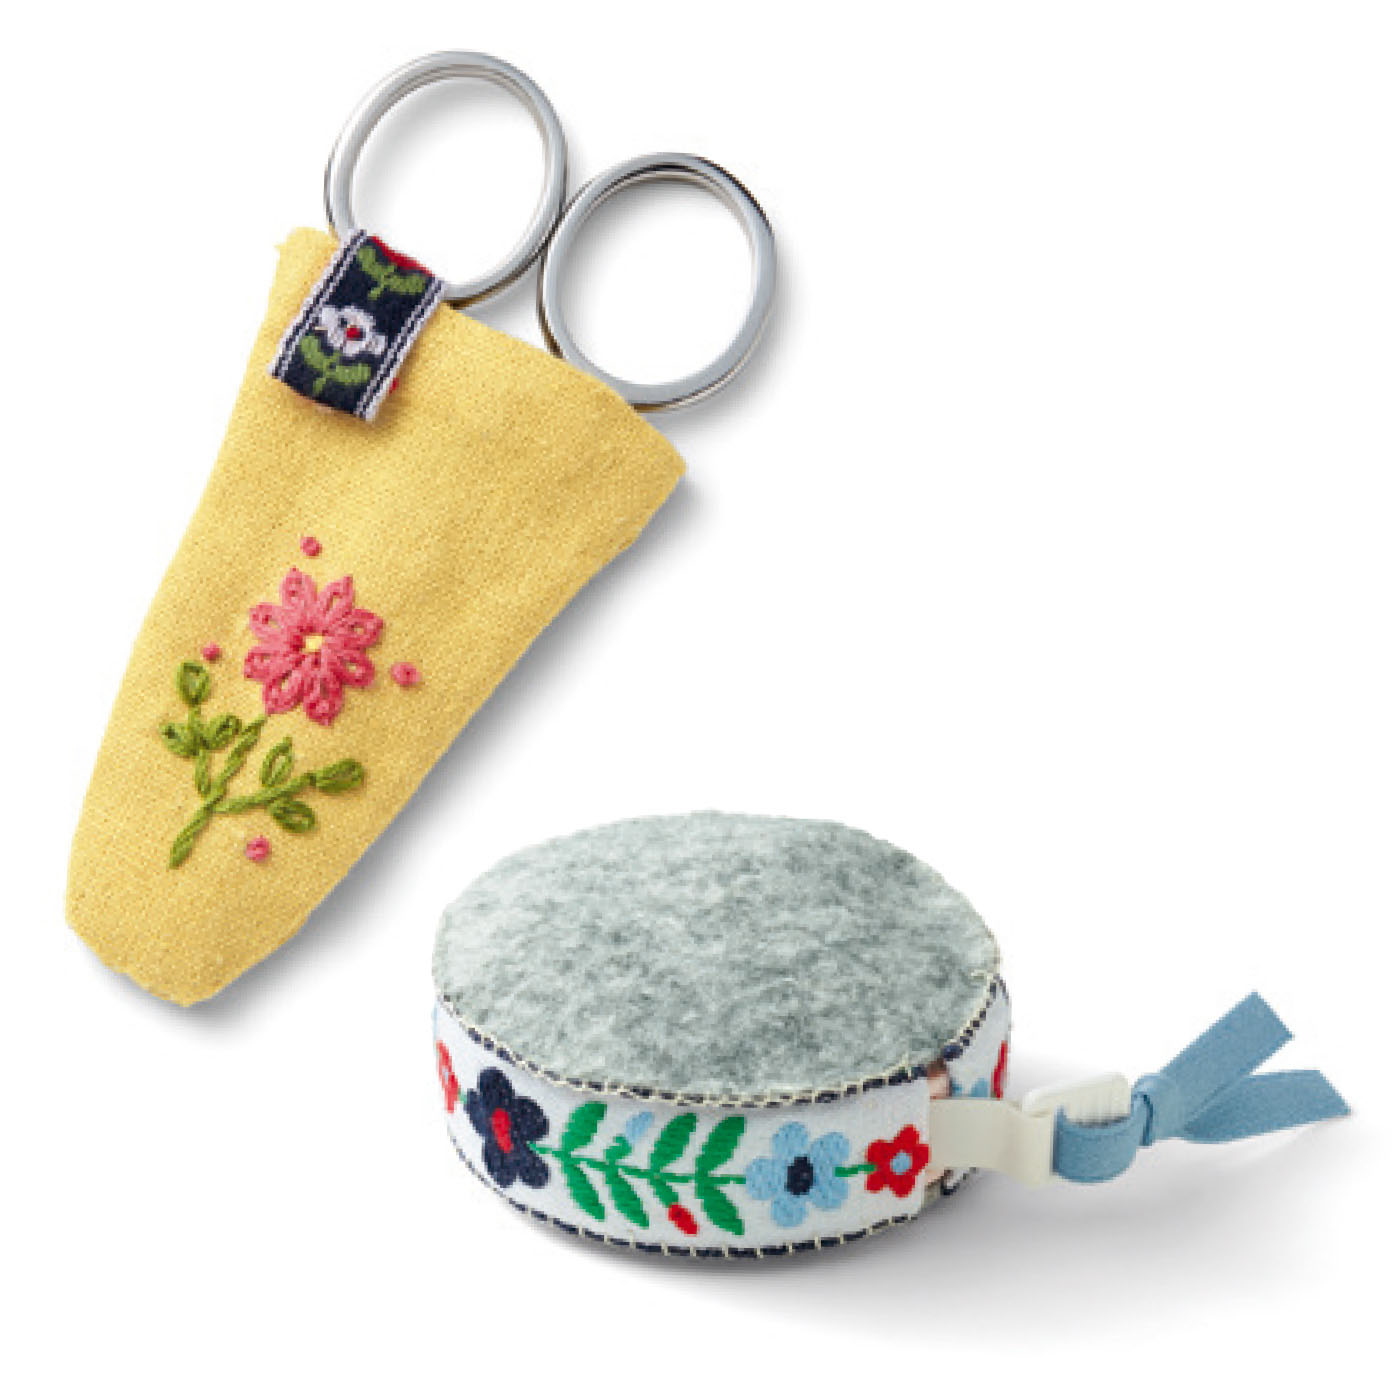 採寸したり、布の長さを測るときに使うメジャーと、小物作りやお直しなどに活躍するスナップボタンを。